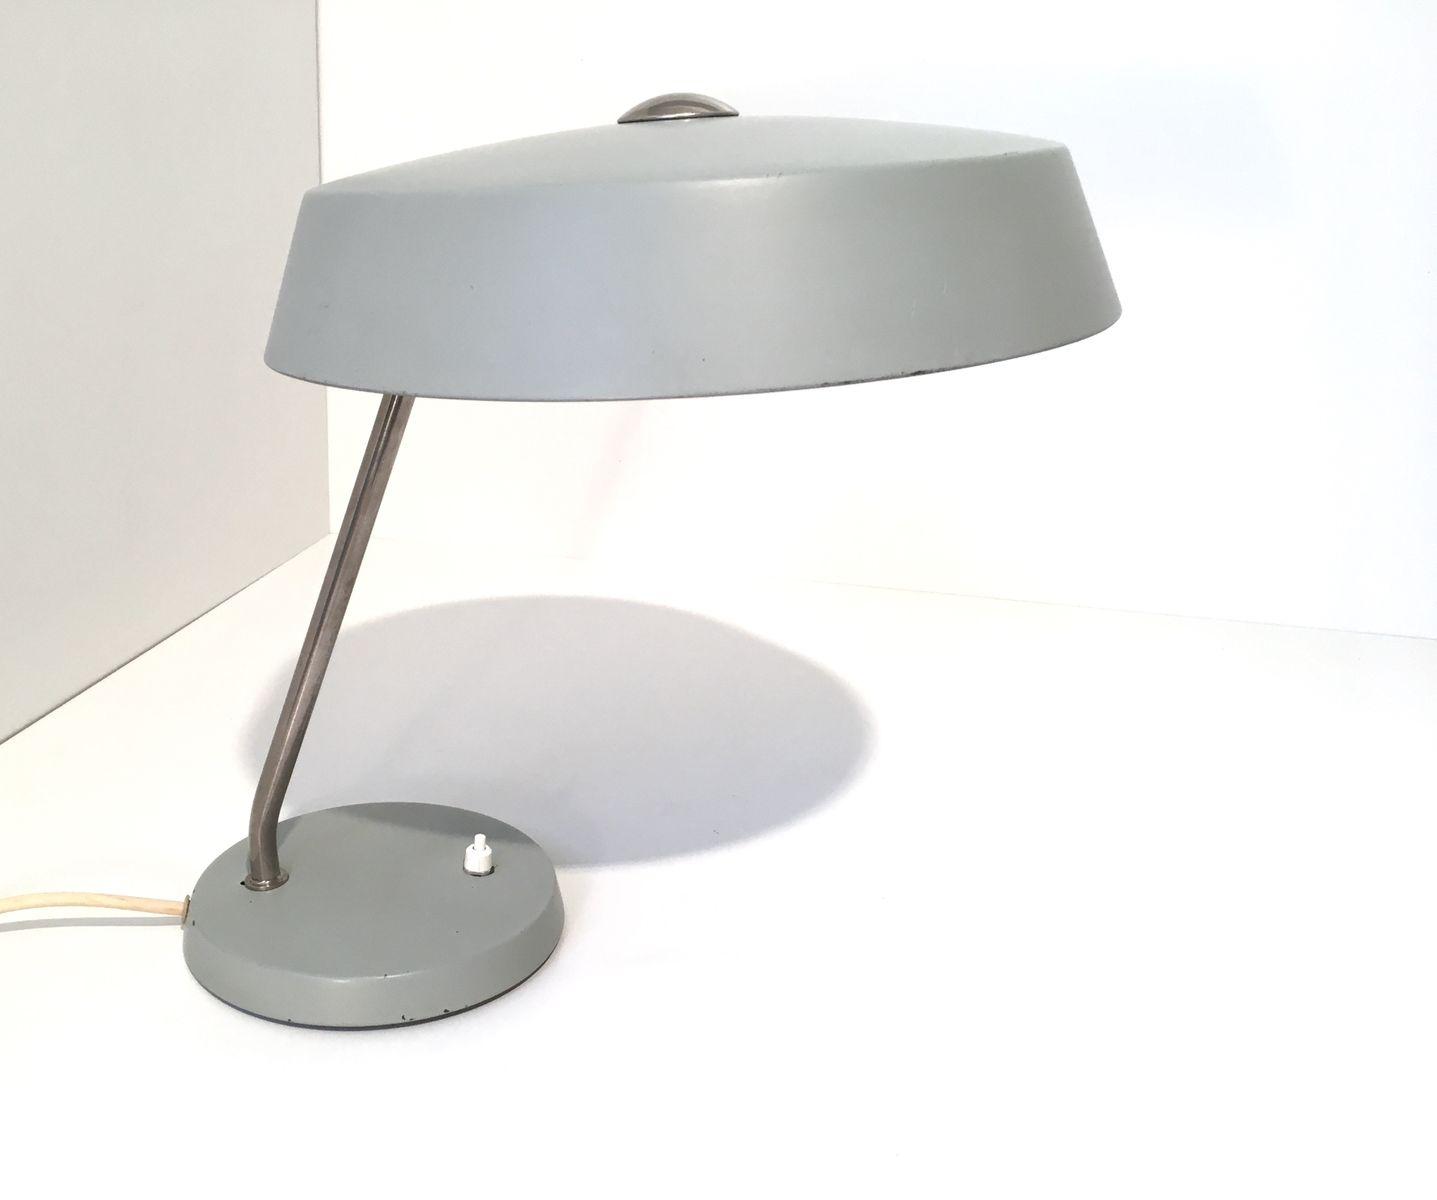 Graue Bauhaus Tischlampe, 1960er